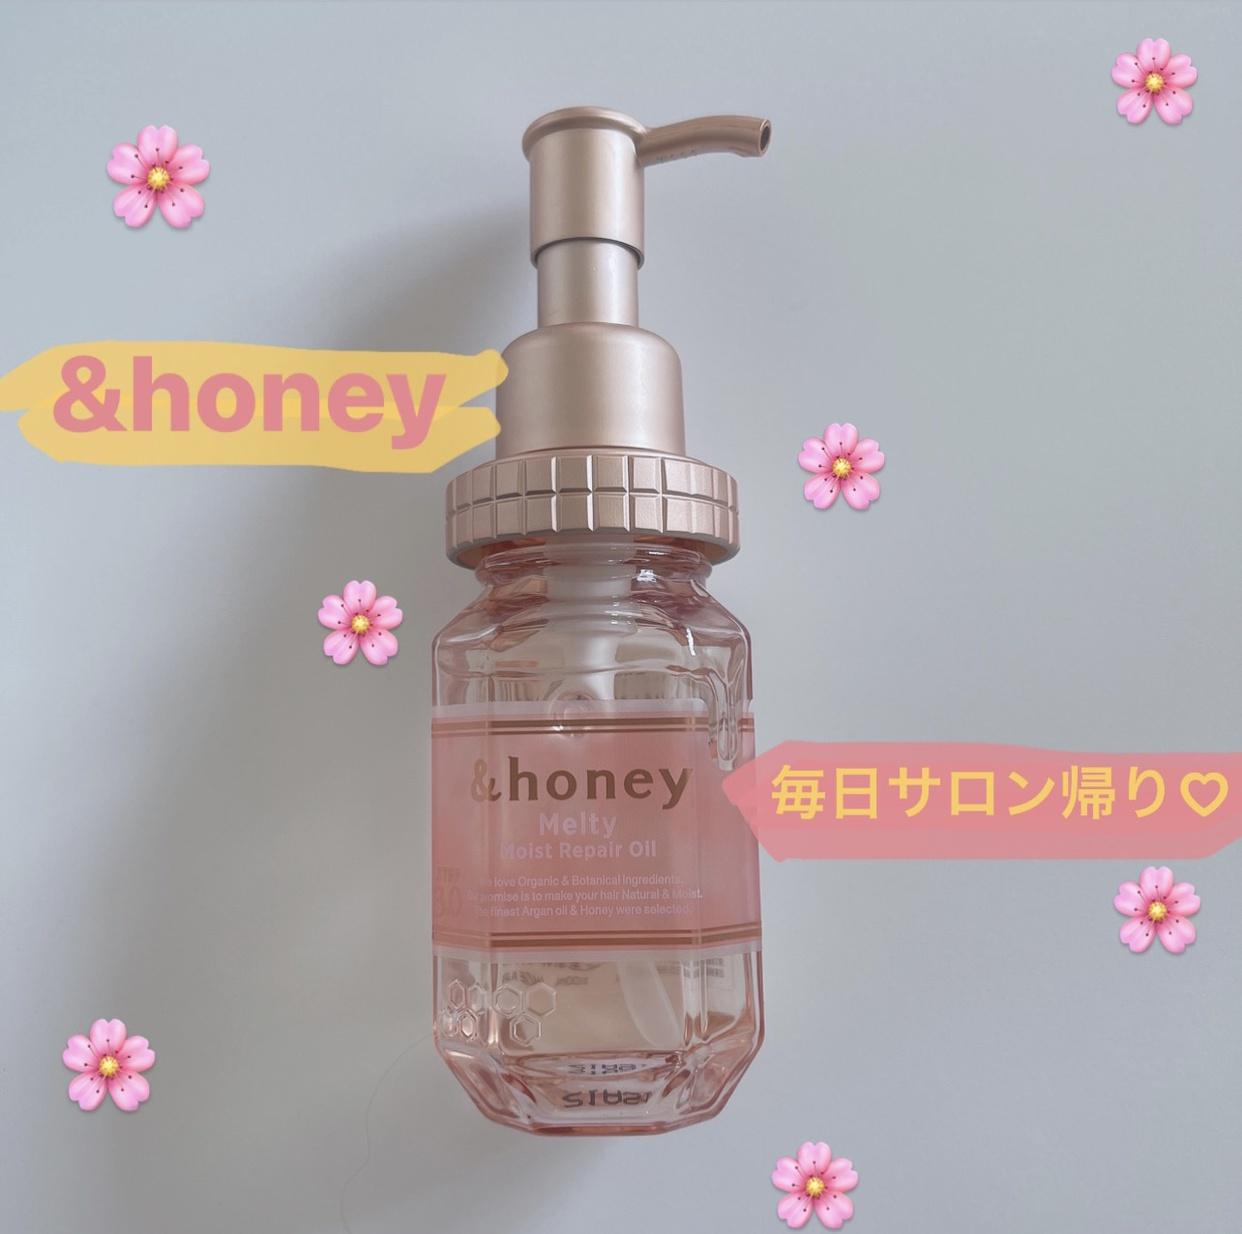 &honey(アンドハニー) モイストリペアヘアオイル3.0を使ったしらたまさんのクチコミ画像